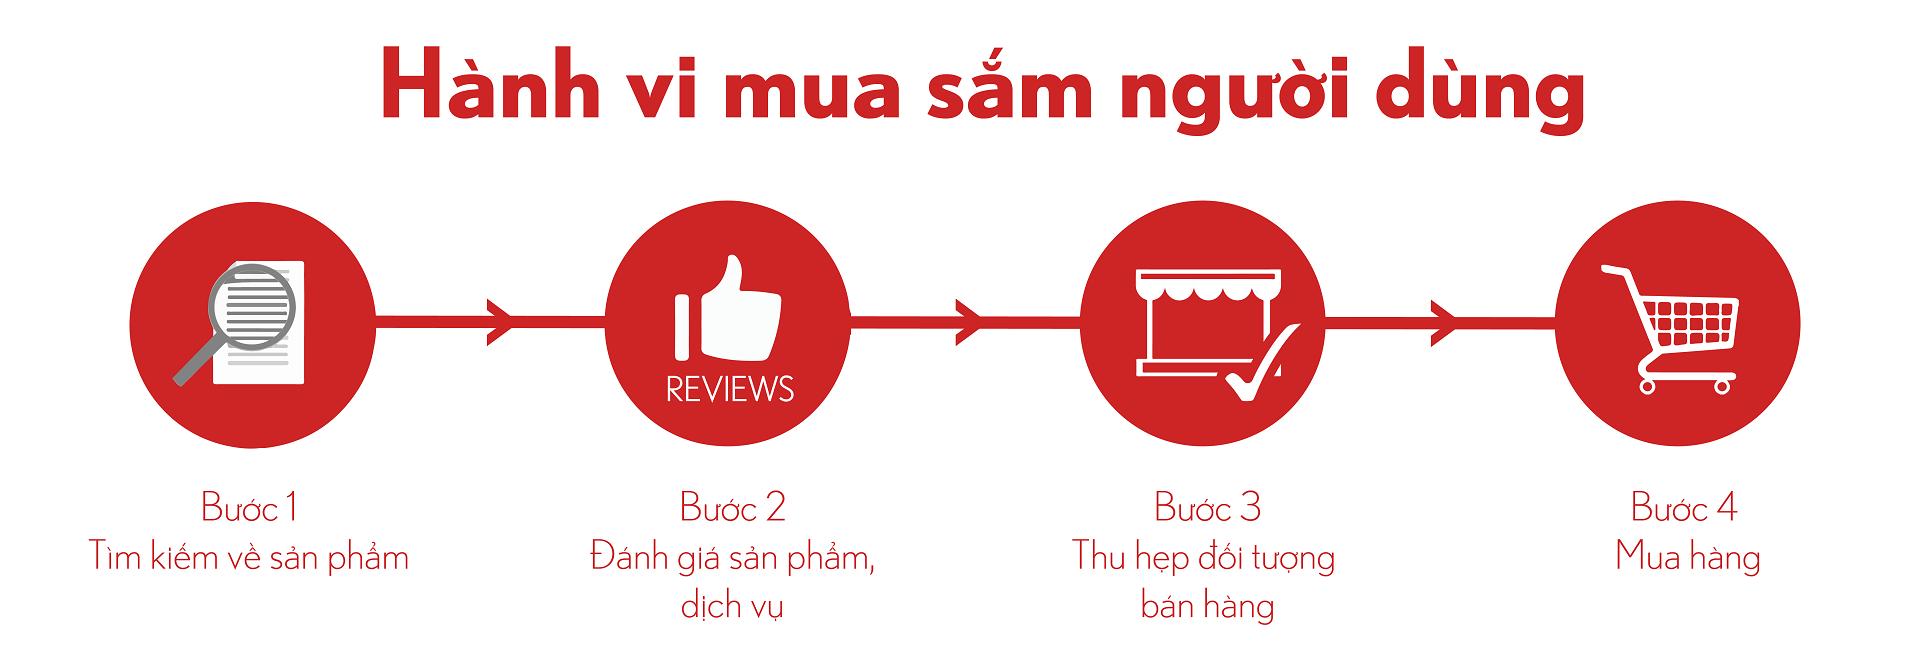 Hành vi mua hàng người dùng liên quan như thế nào đến marketing online